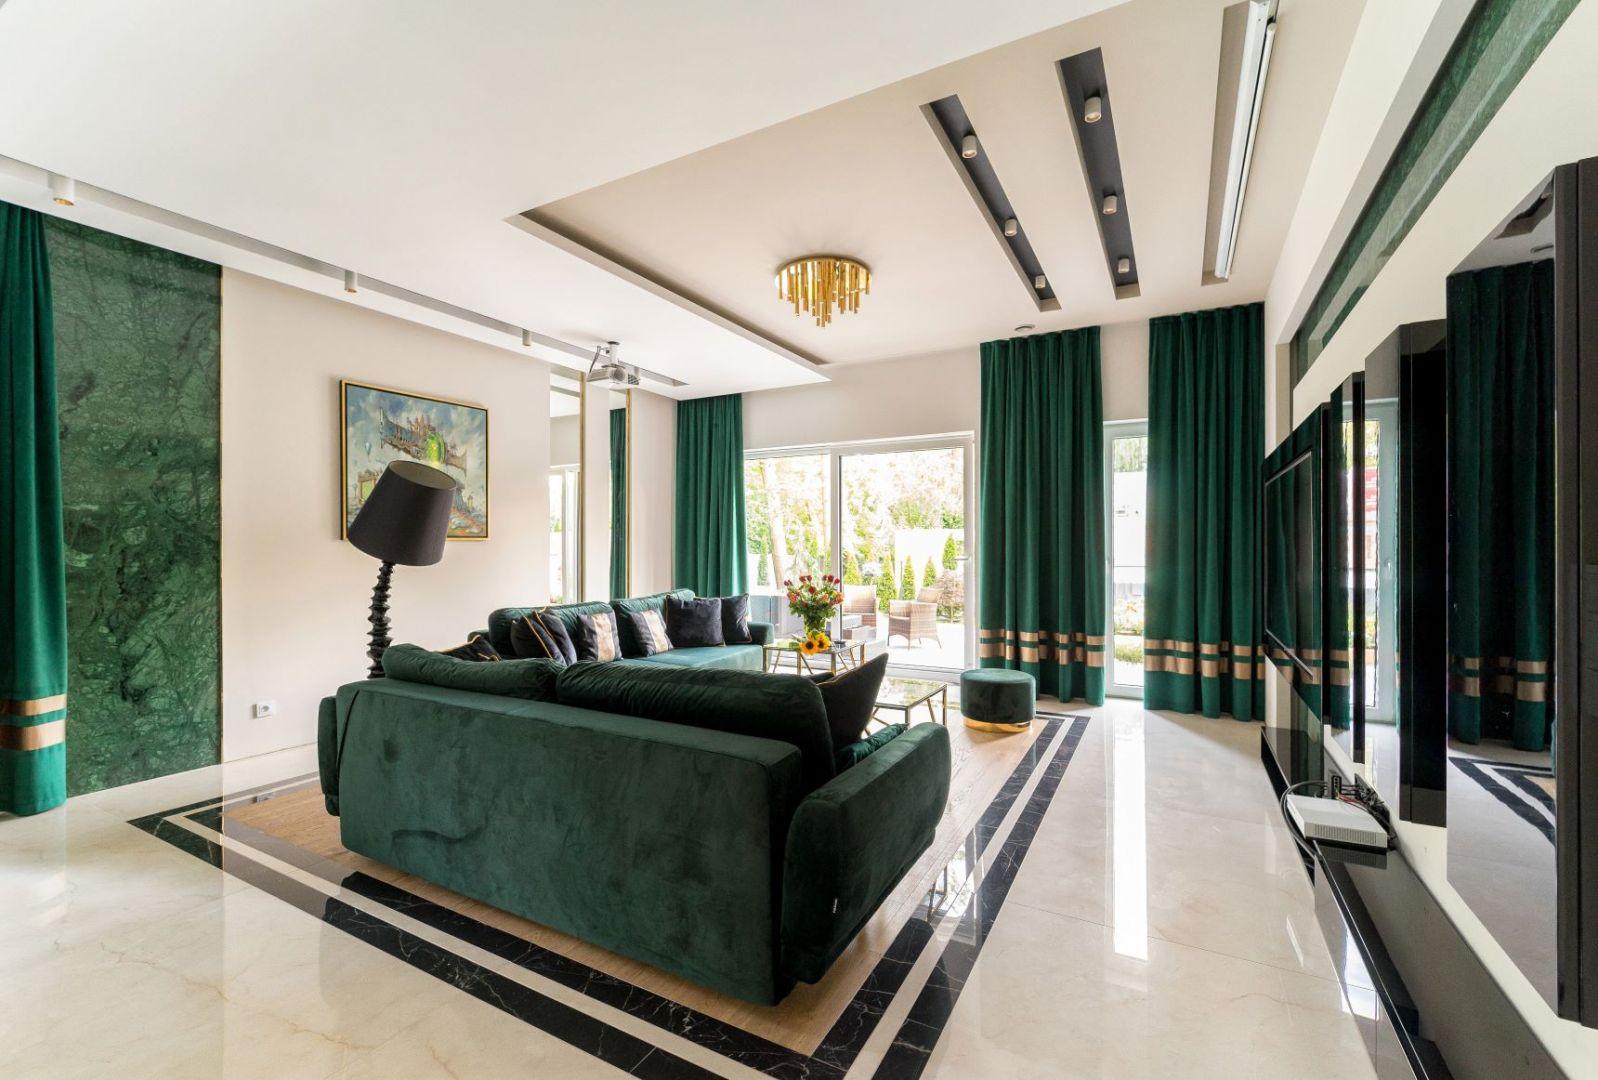 Wygodne, klasyczne sofy tapicerowane ciemno turkusowym welurem nadają ton kolorystyce wnętrza i zapraszają do relaksu. Projekt Trędowska Design. Fot Michał Bachulski